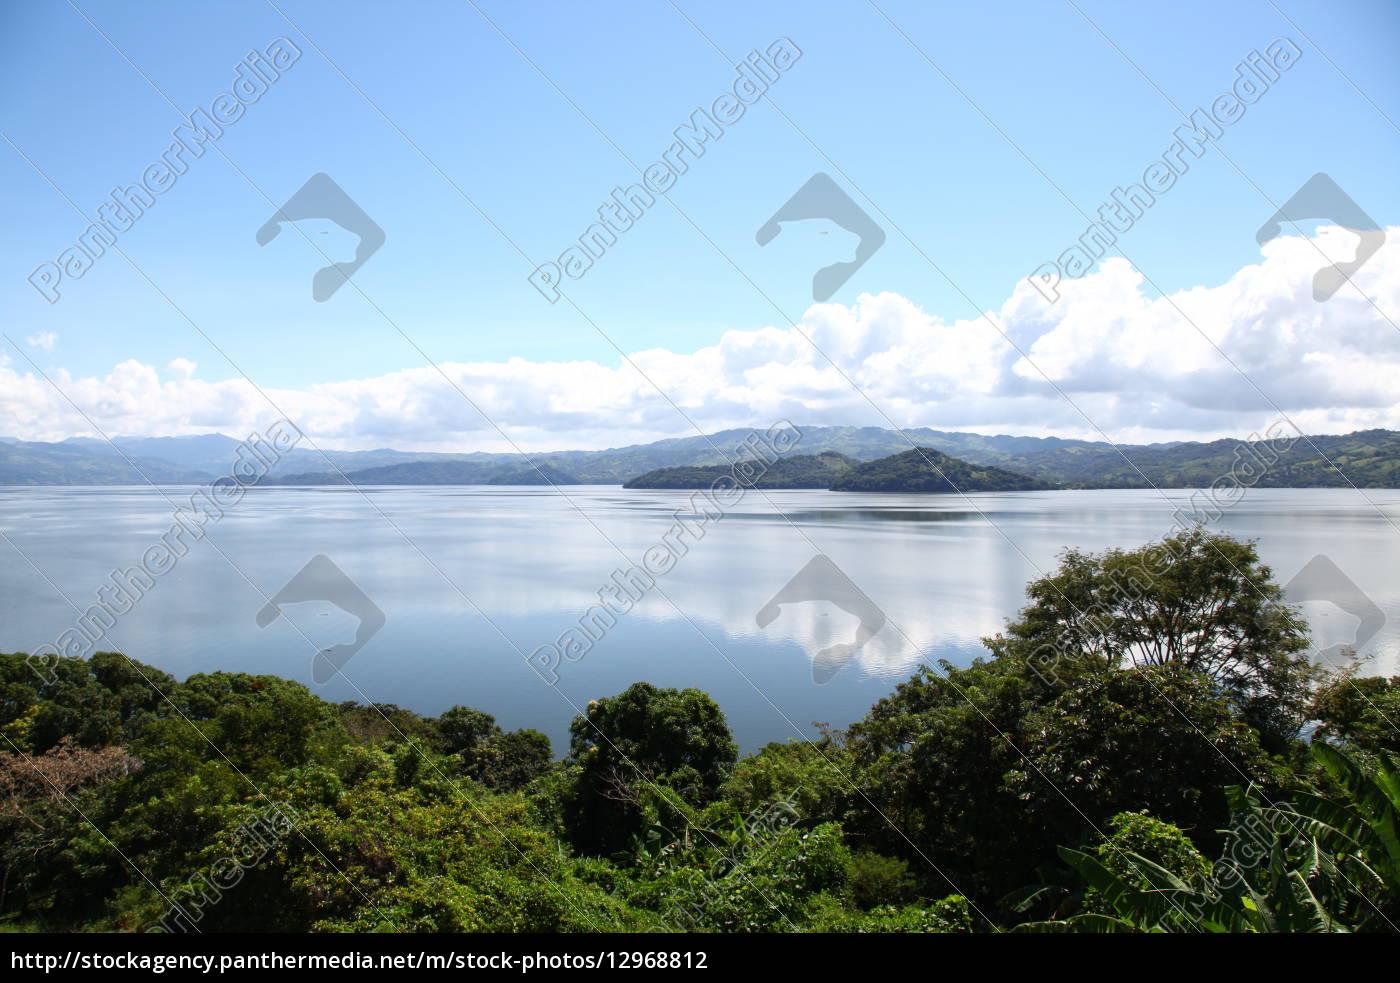 Mexiko, See, Gewässer, Himmel, Wolken, Urlaub - 12968812